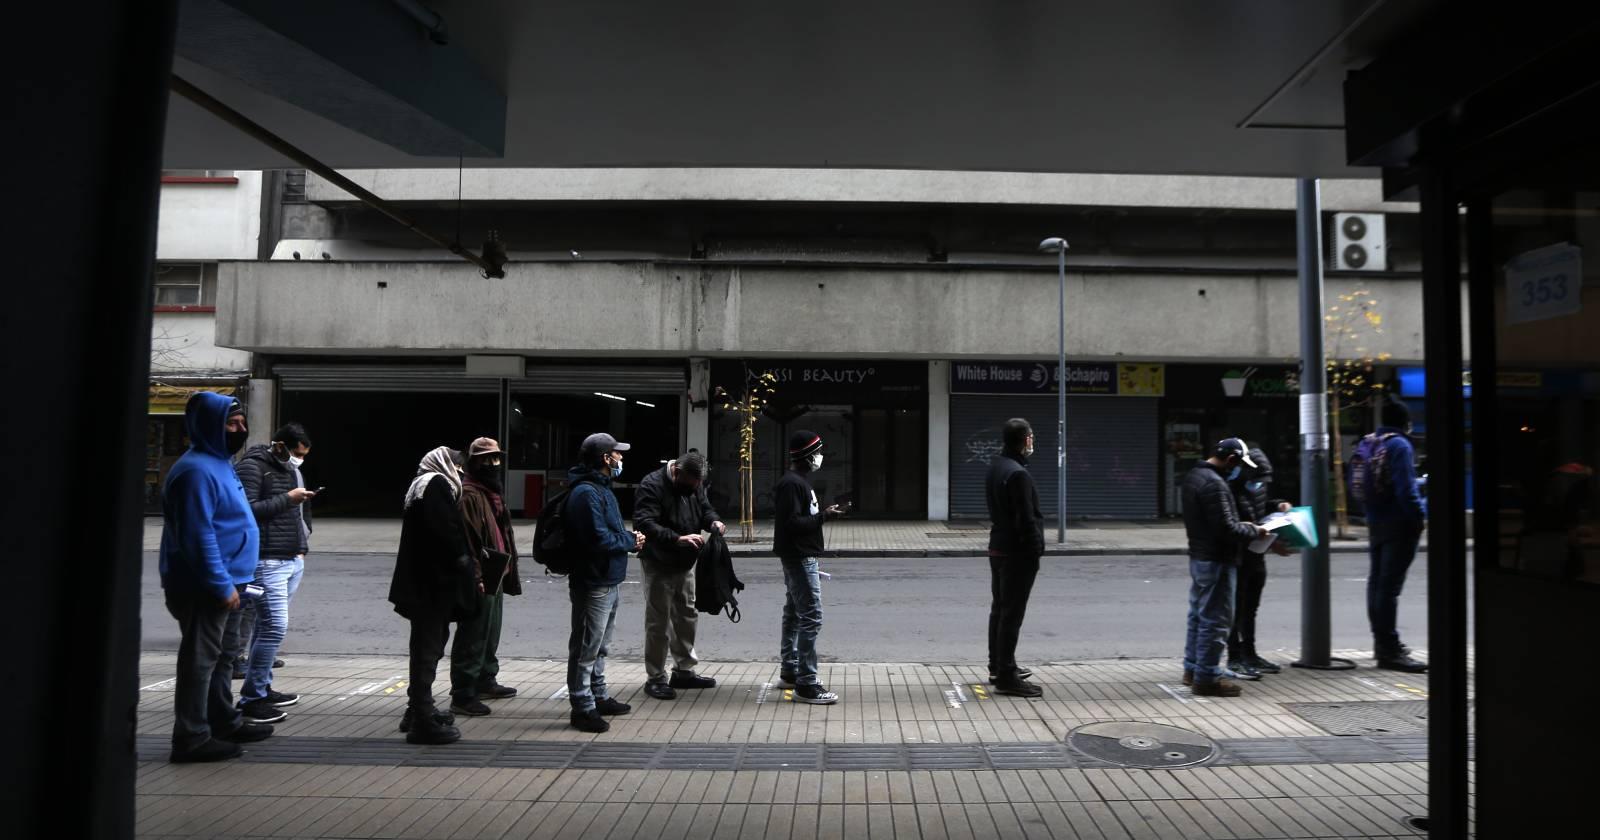 Desempleo baja levemente pero se mantiene sobre el millón de personas